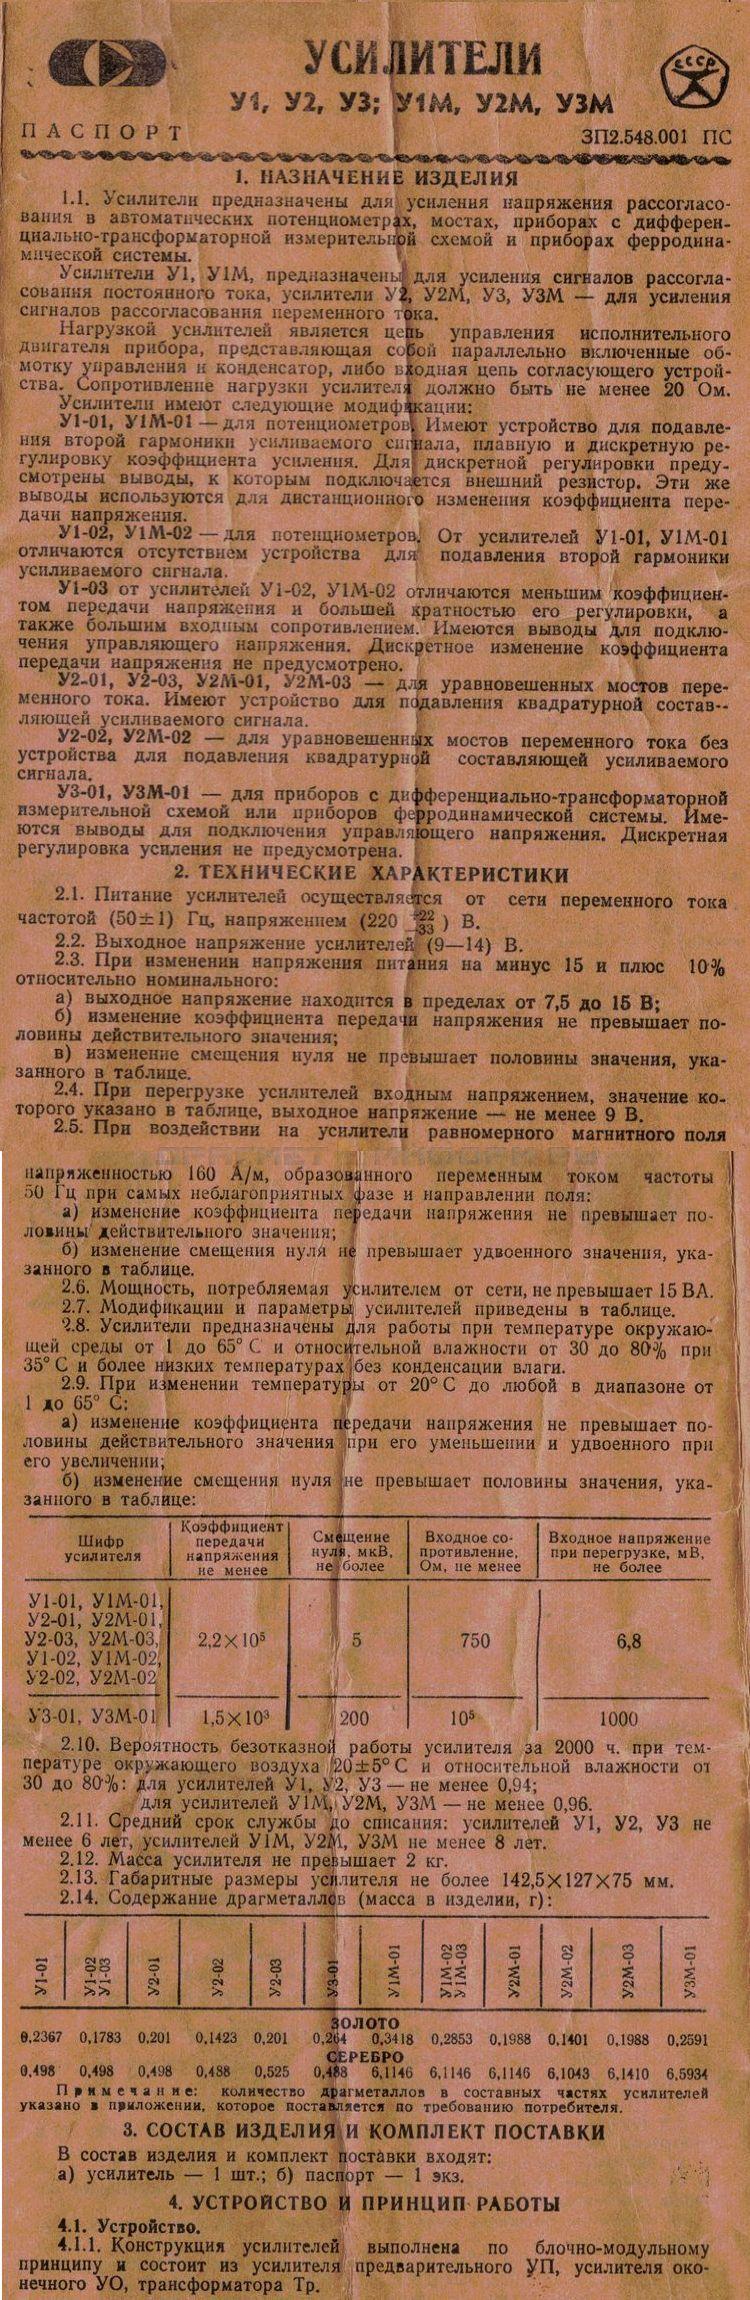 Формуляр У1-02